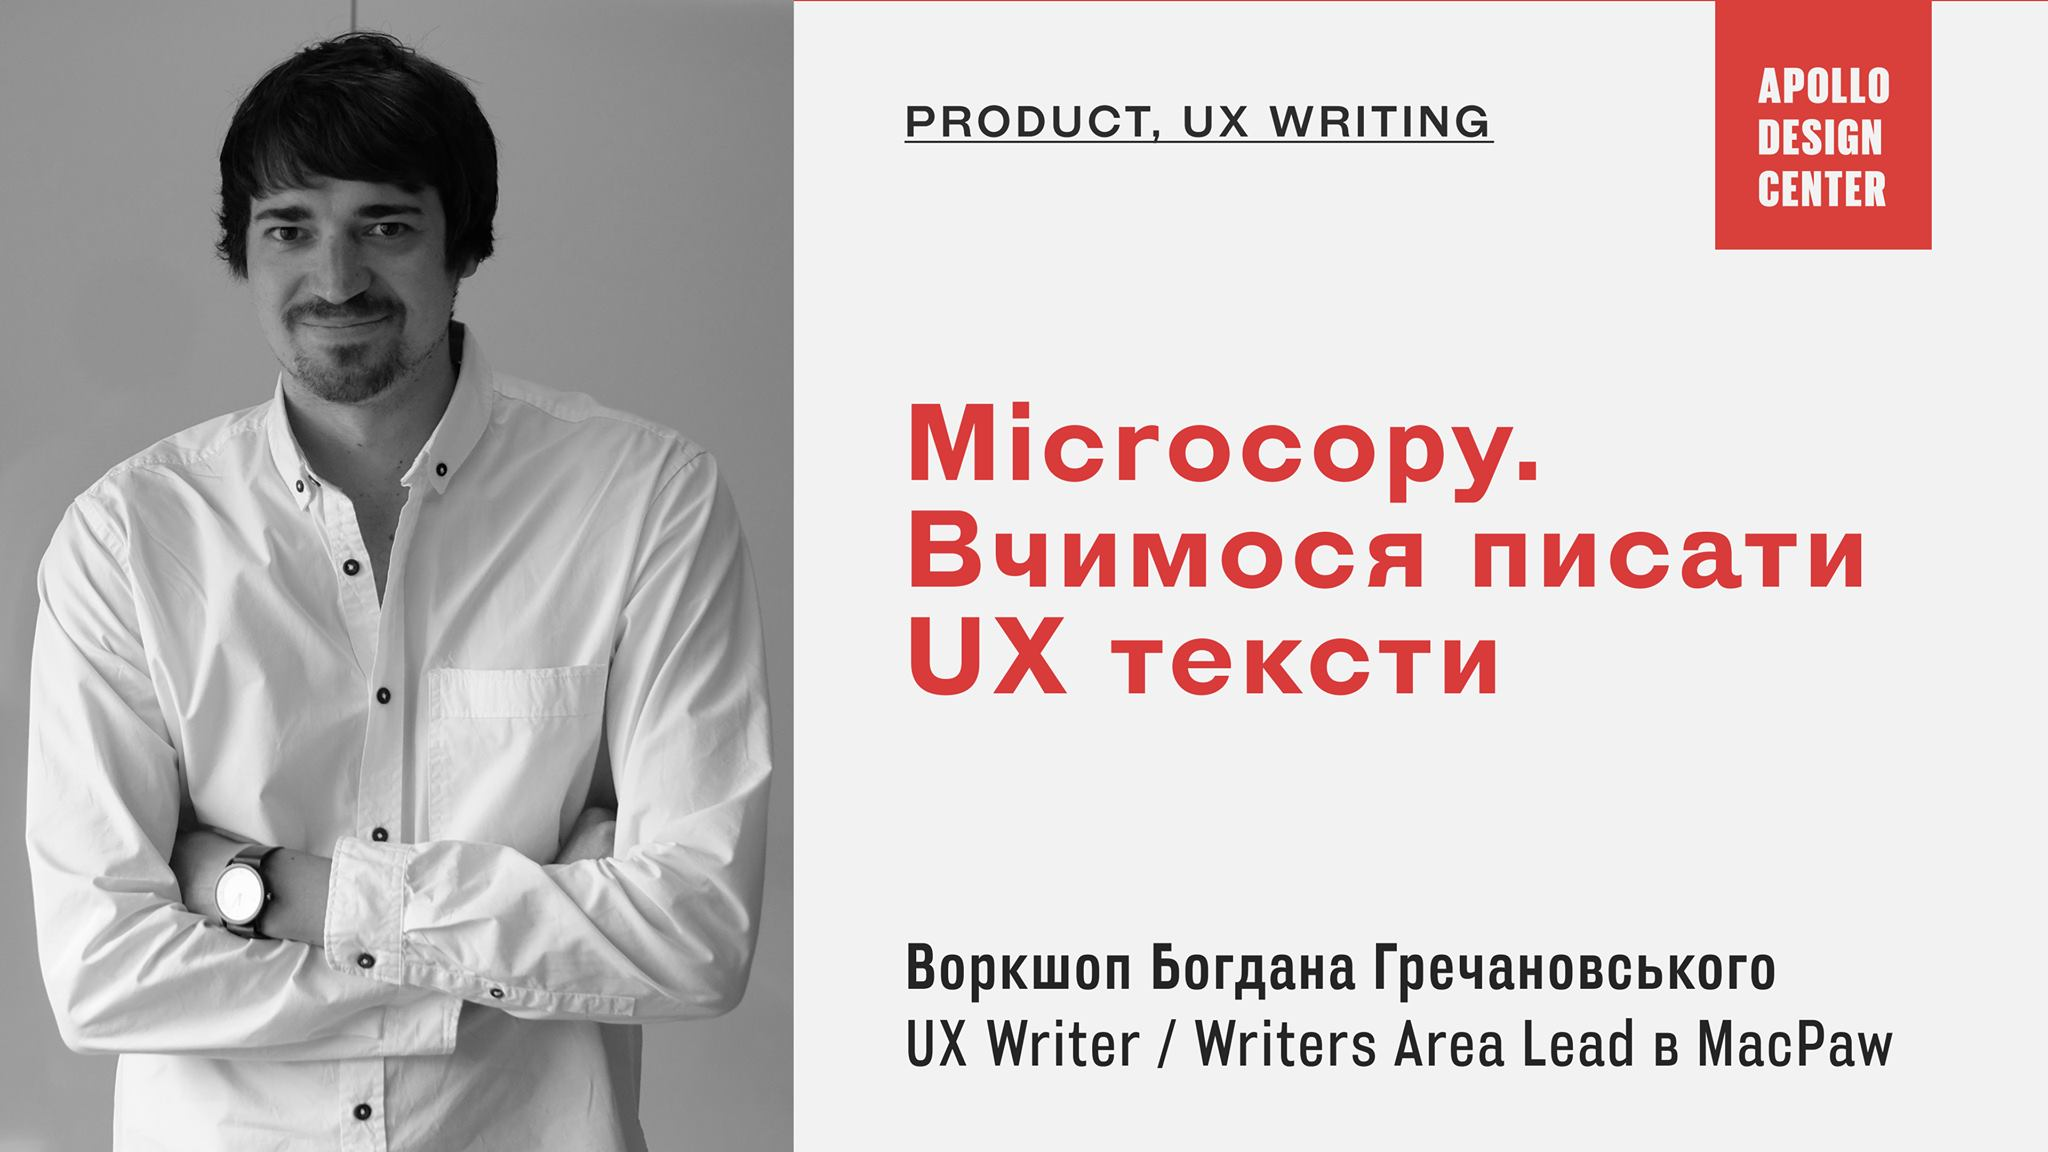 Microcopy. Вчимося писати UX тексти